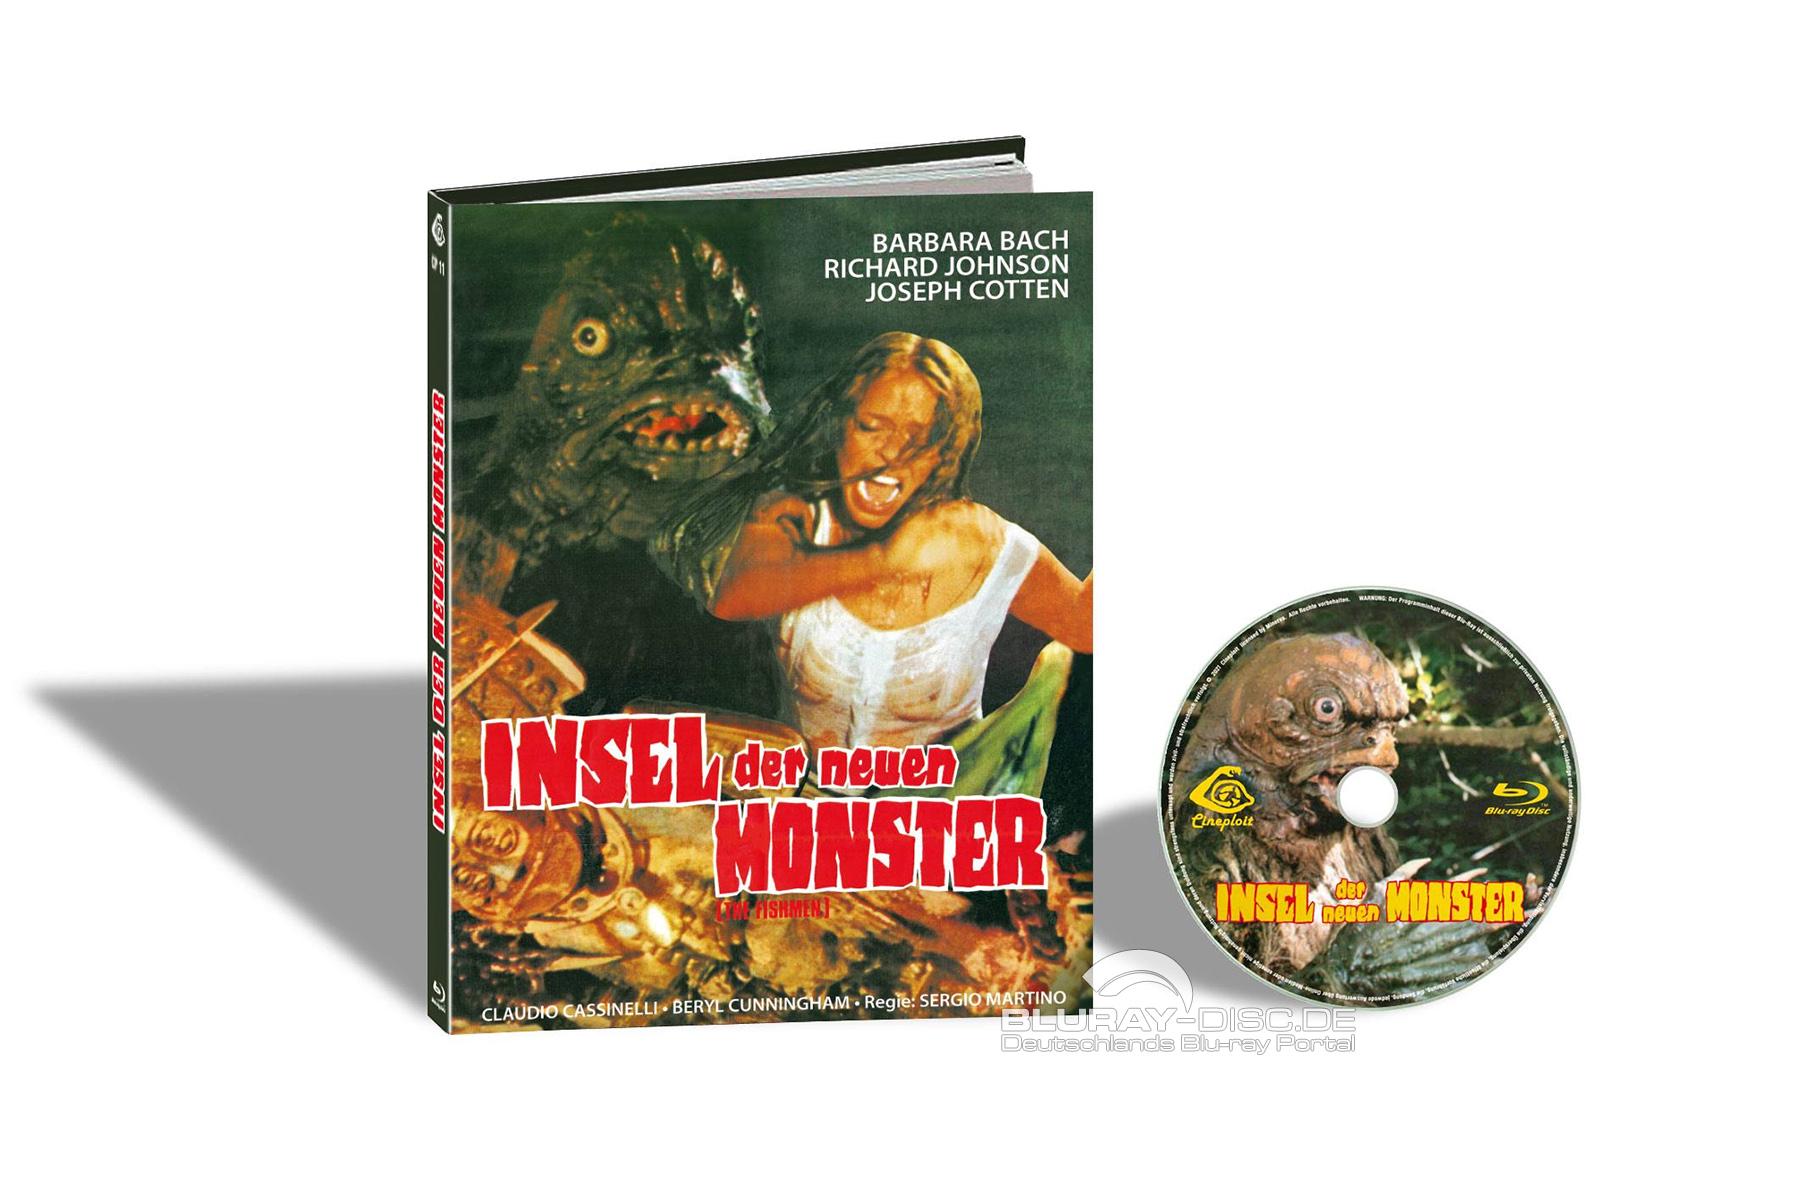 Insel_der_neuen_Monster_Galerie_Mediabook_Cover_A.jpg